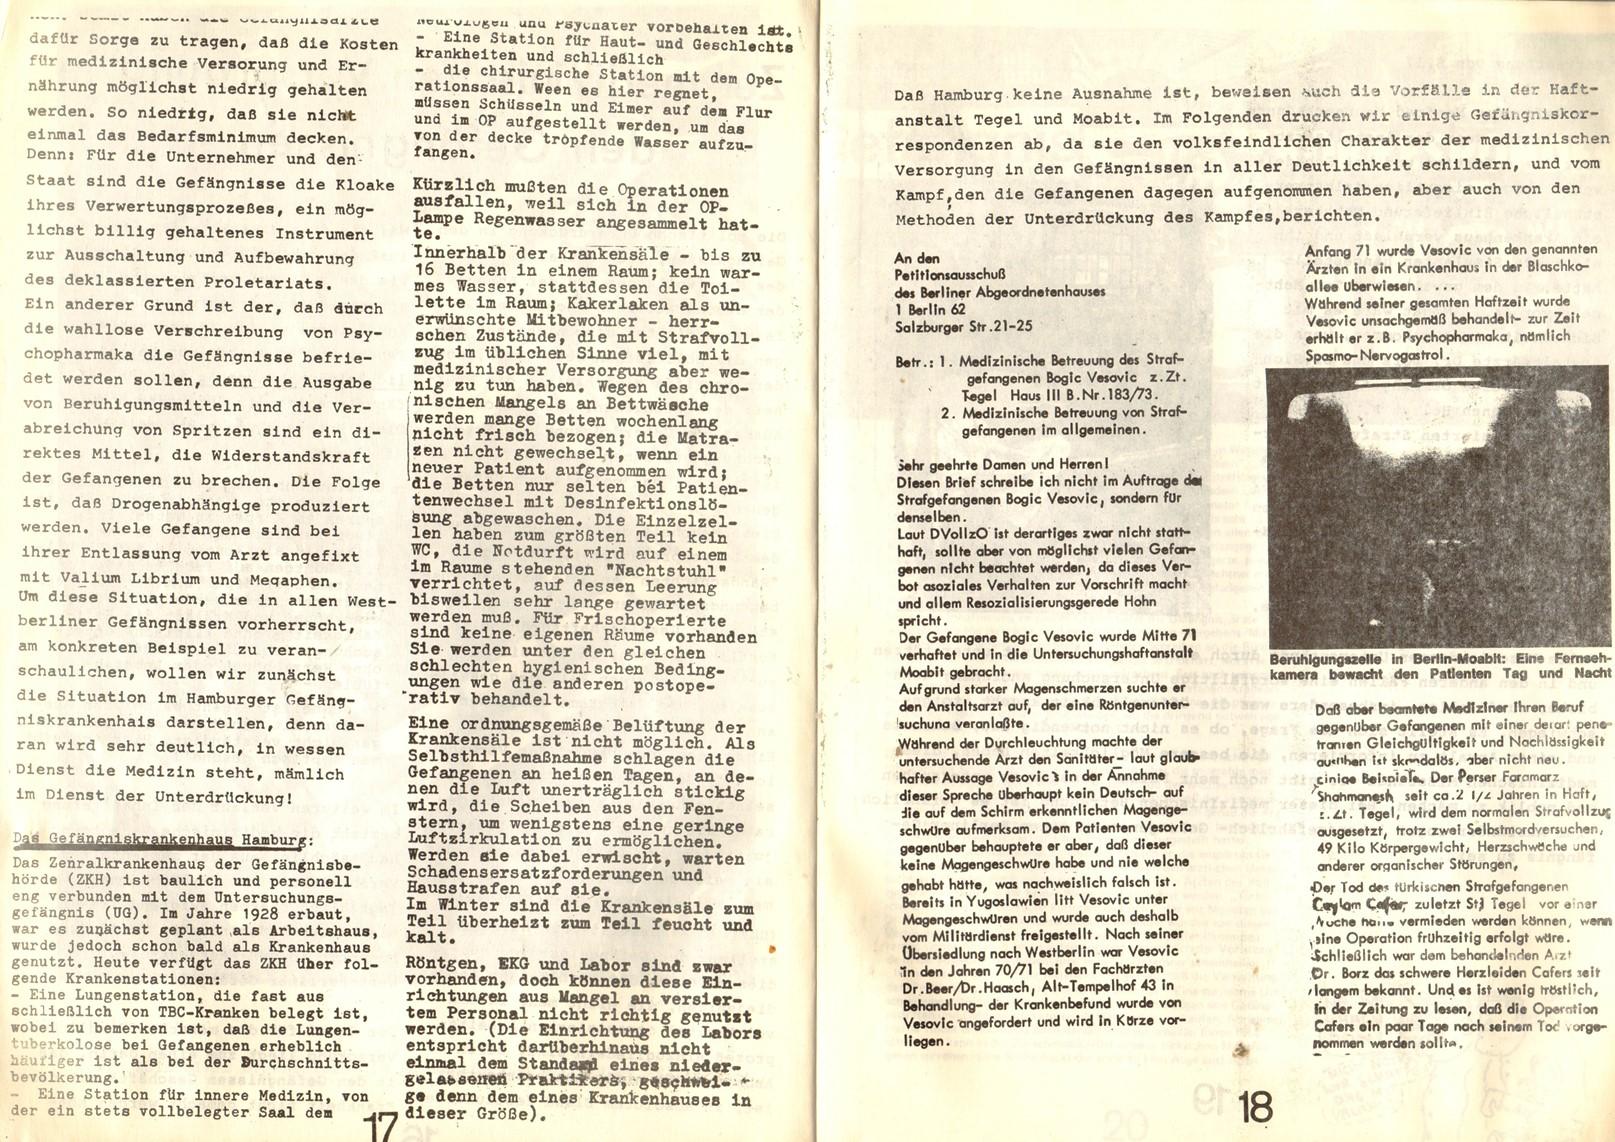 Berlin_RHeV_1974_Schluss_mit_der_Isolationsfolter_10